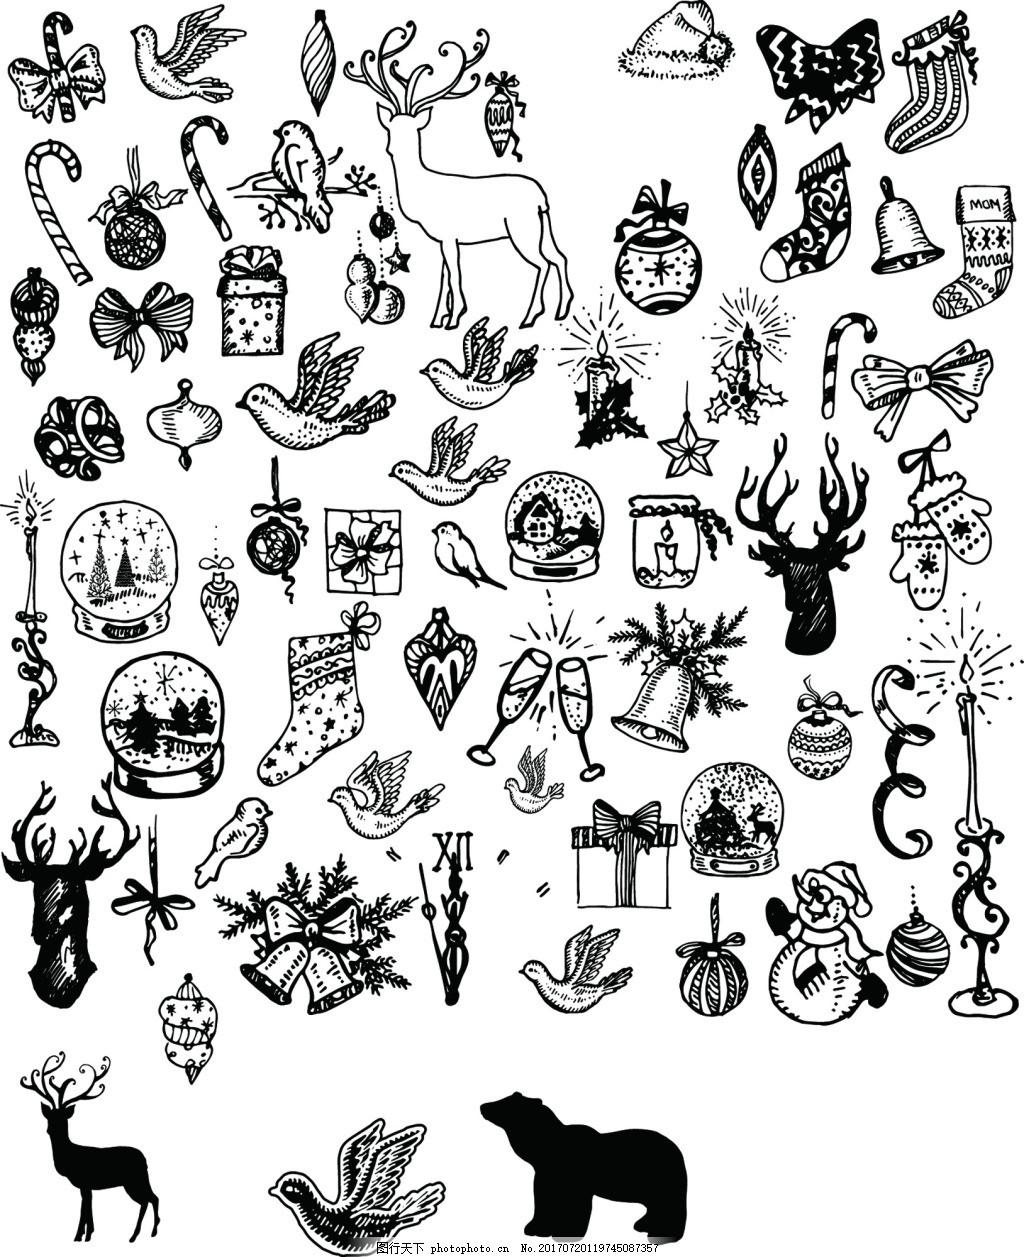 圣诞节横幅装饰素材 黑白线条 圣诞节装饰 动物 水晶球 铃铛 酒杯